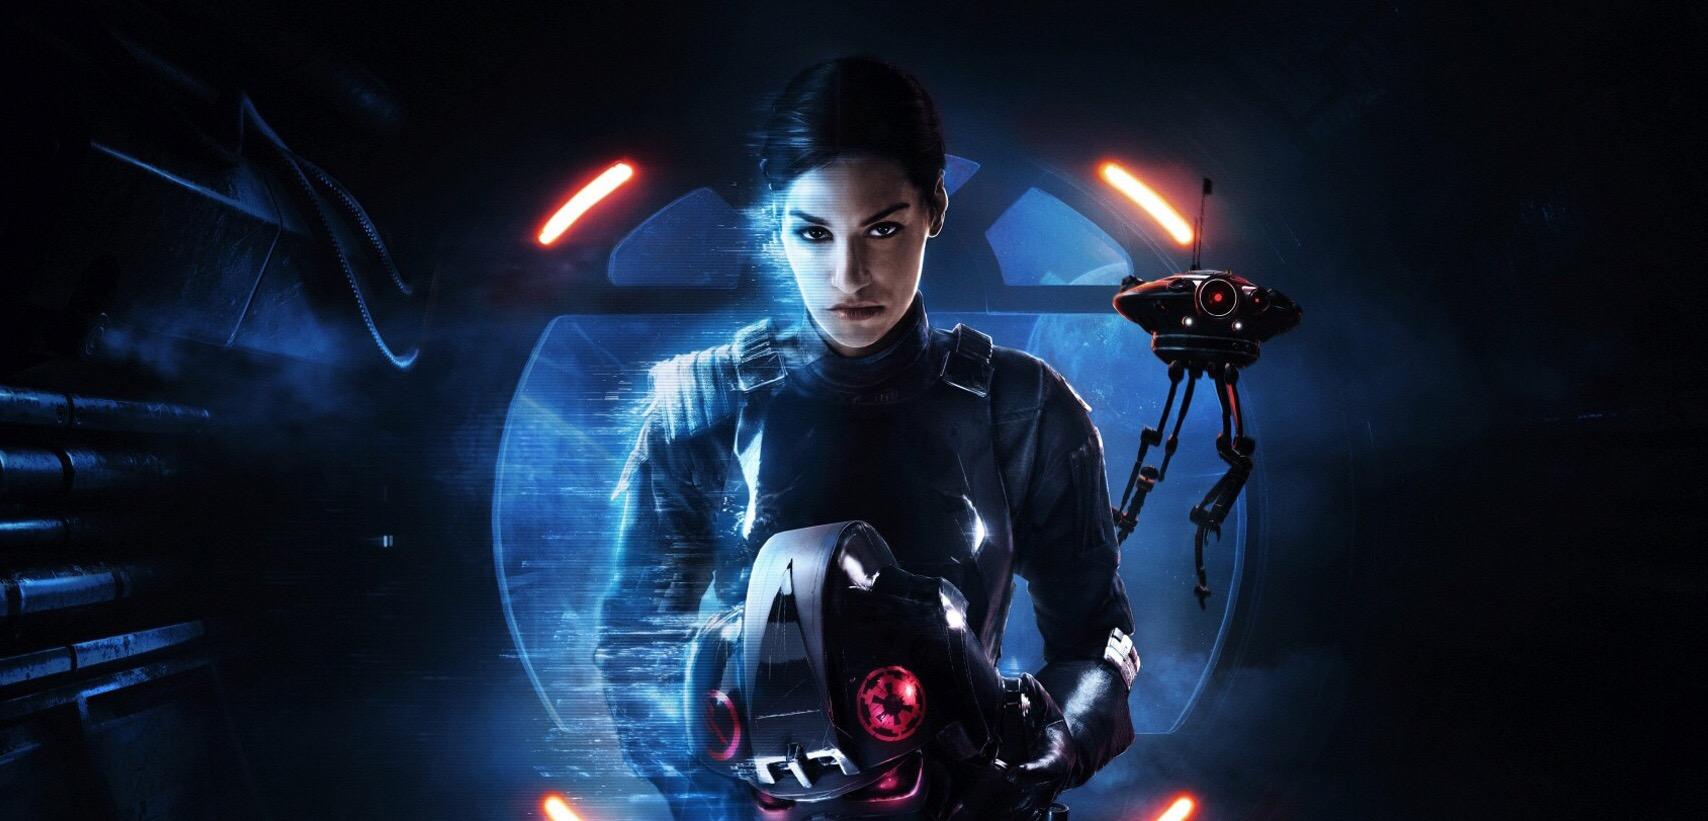 Commander Iden Versio, Inferno Squad